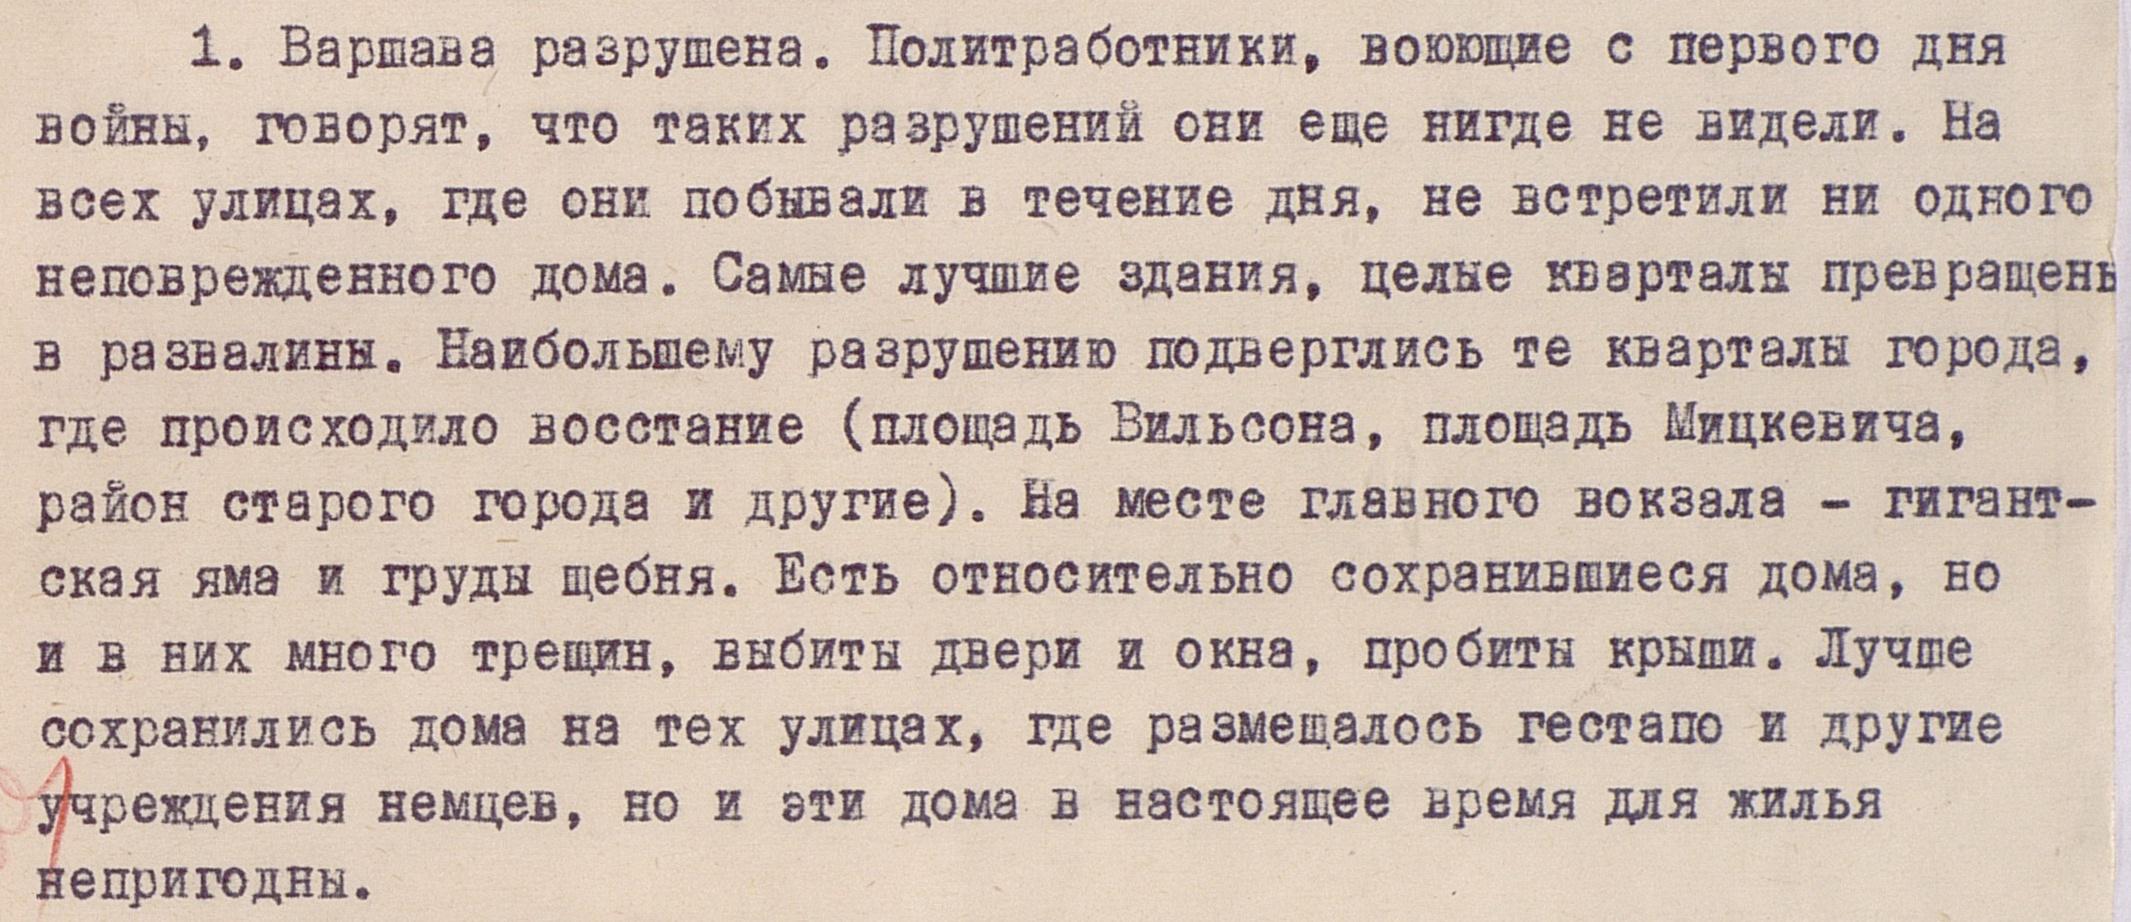 Политдонесение ПУ Первым Белорусским фронтом 19.01.1945